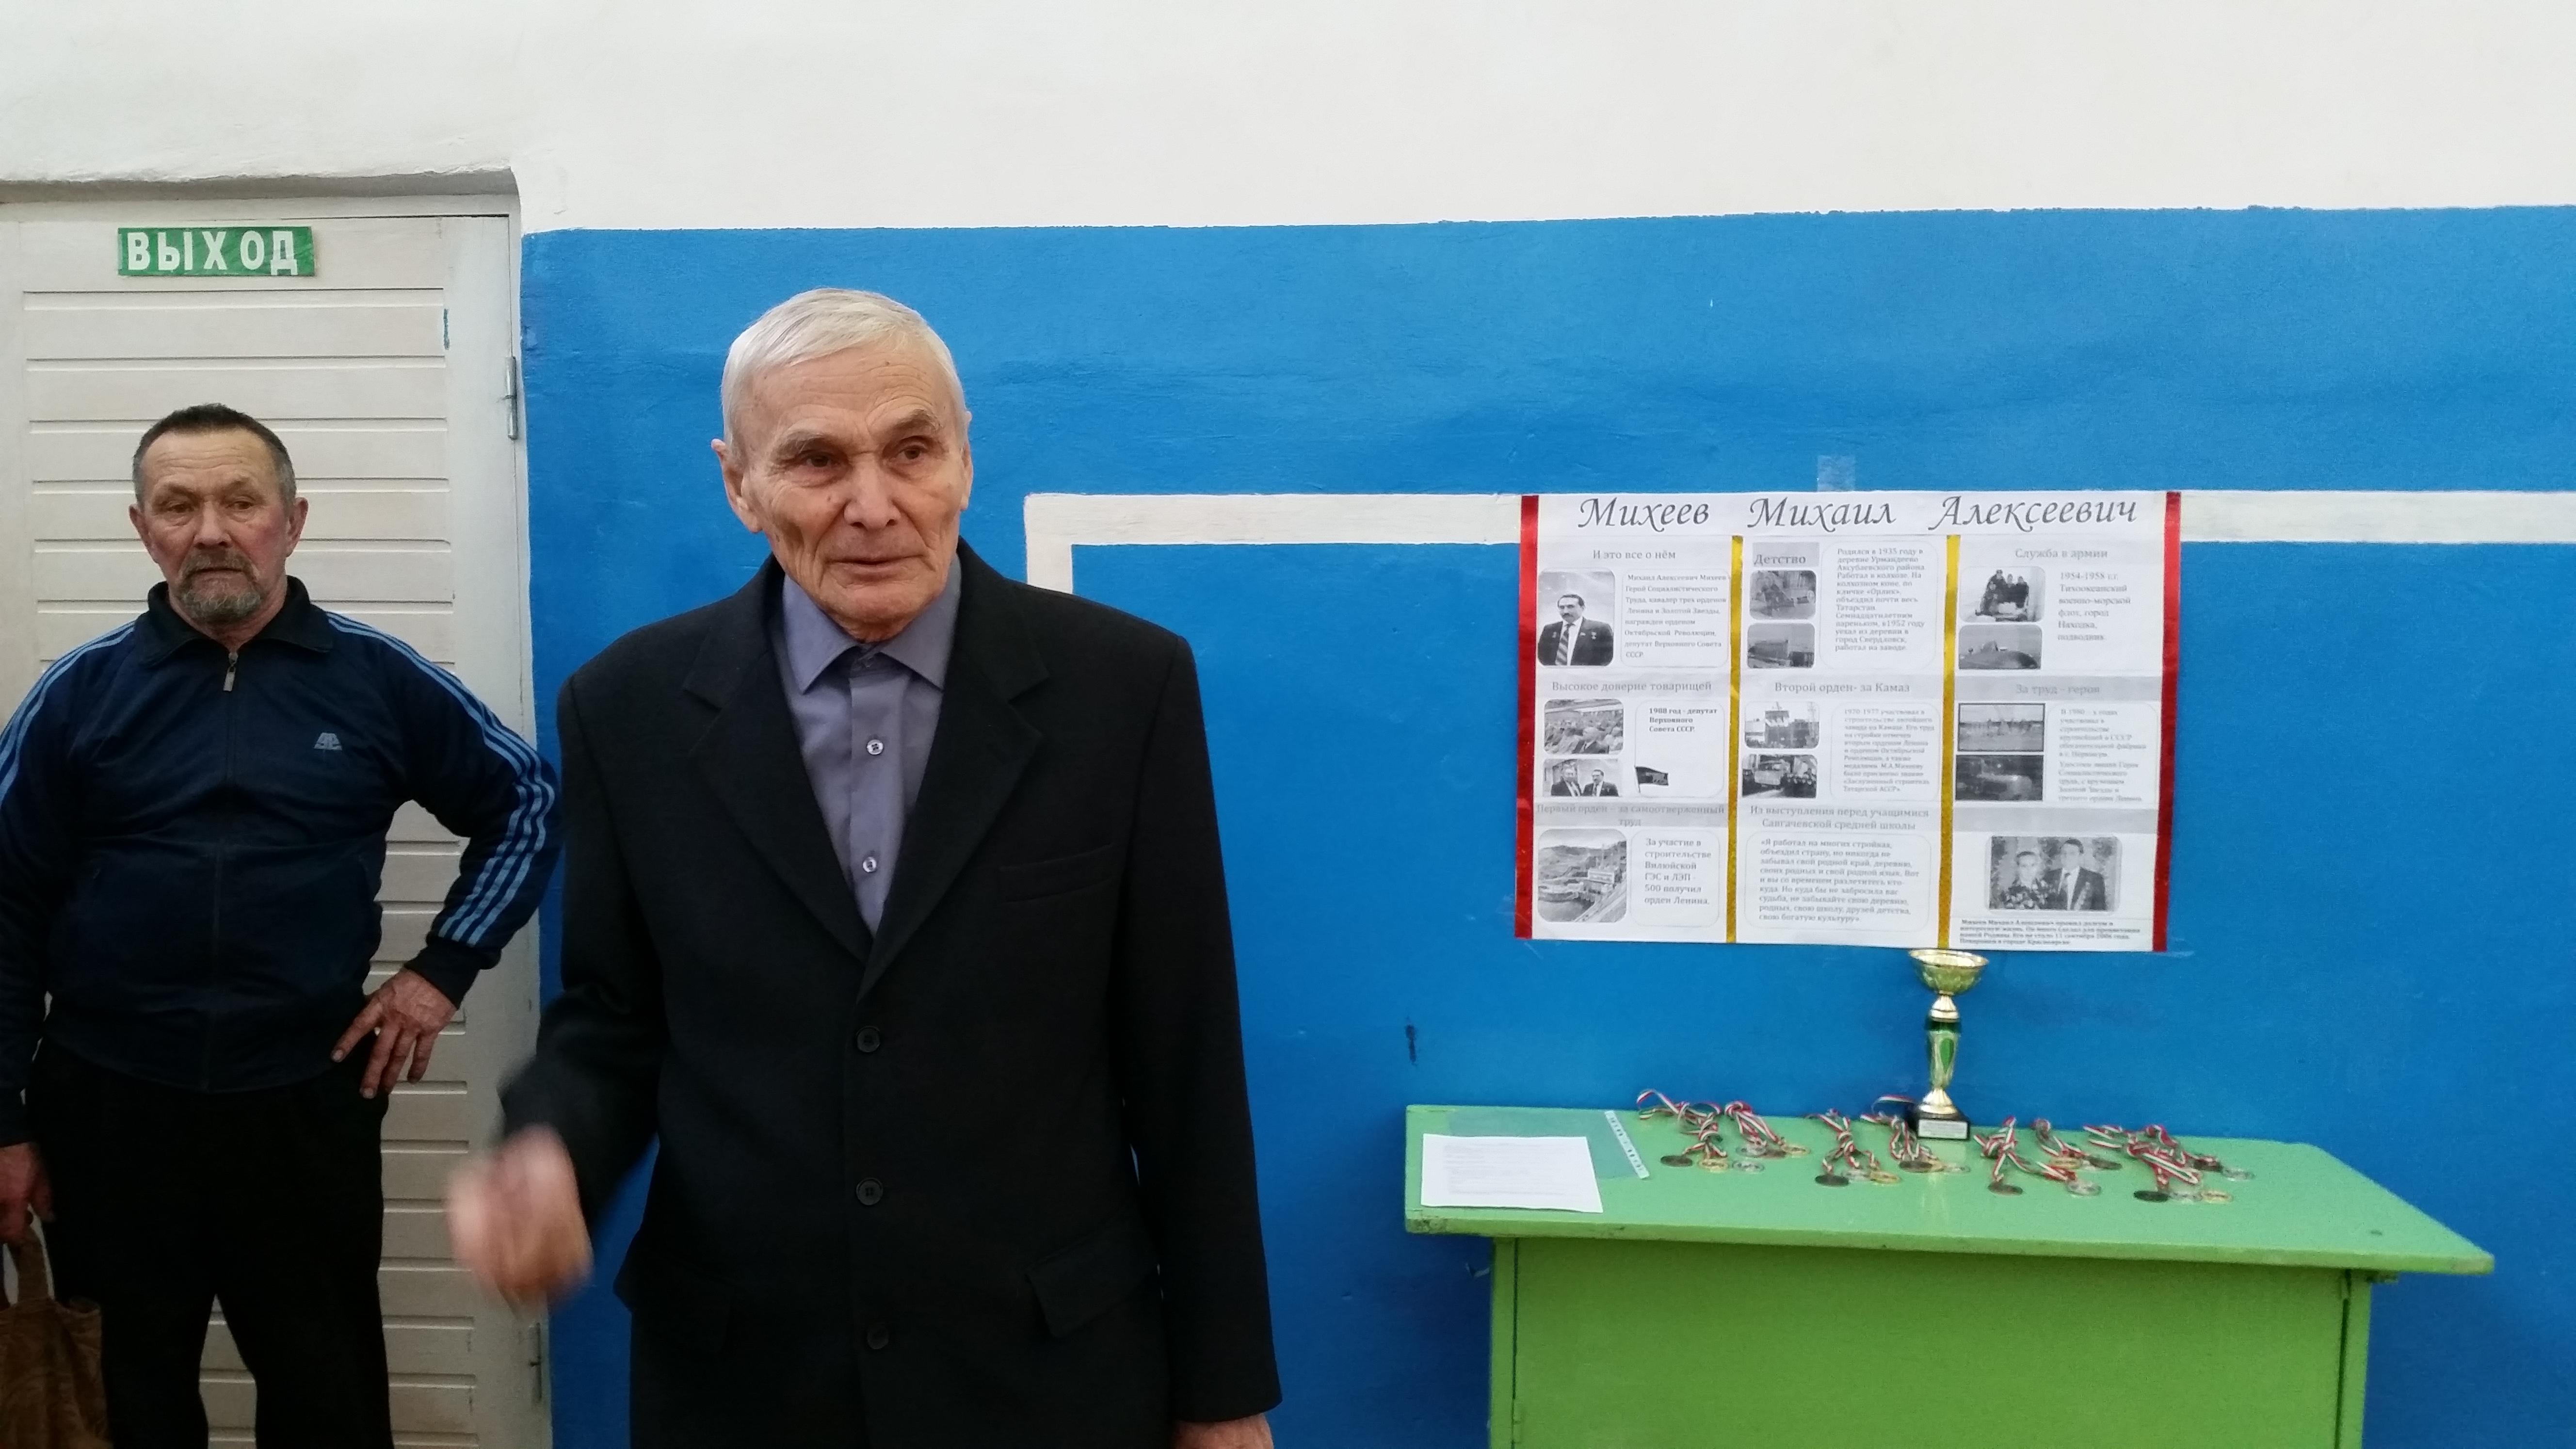 Ветеран спорта, многократный чемпион района по шашкам - Горбатов Геннадий Александрович